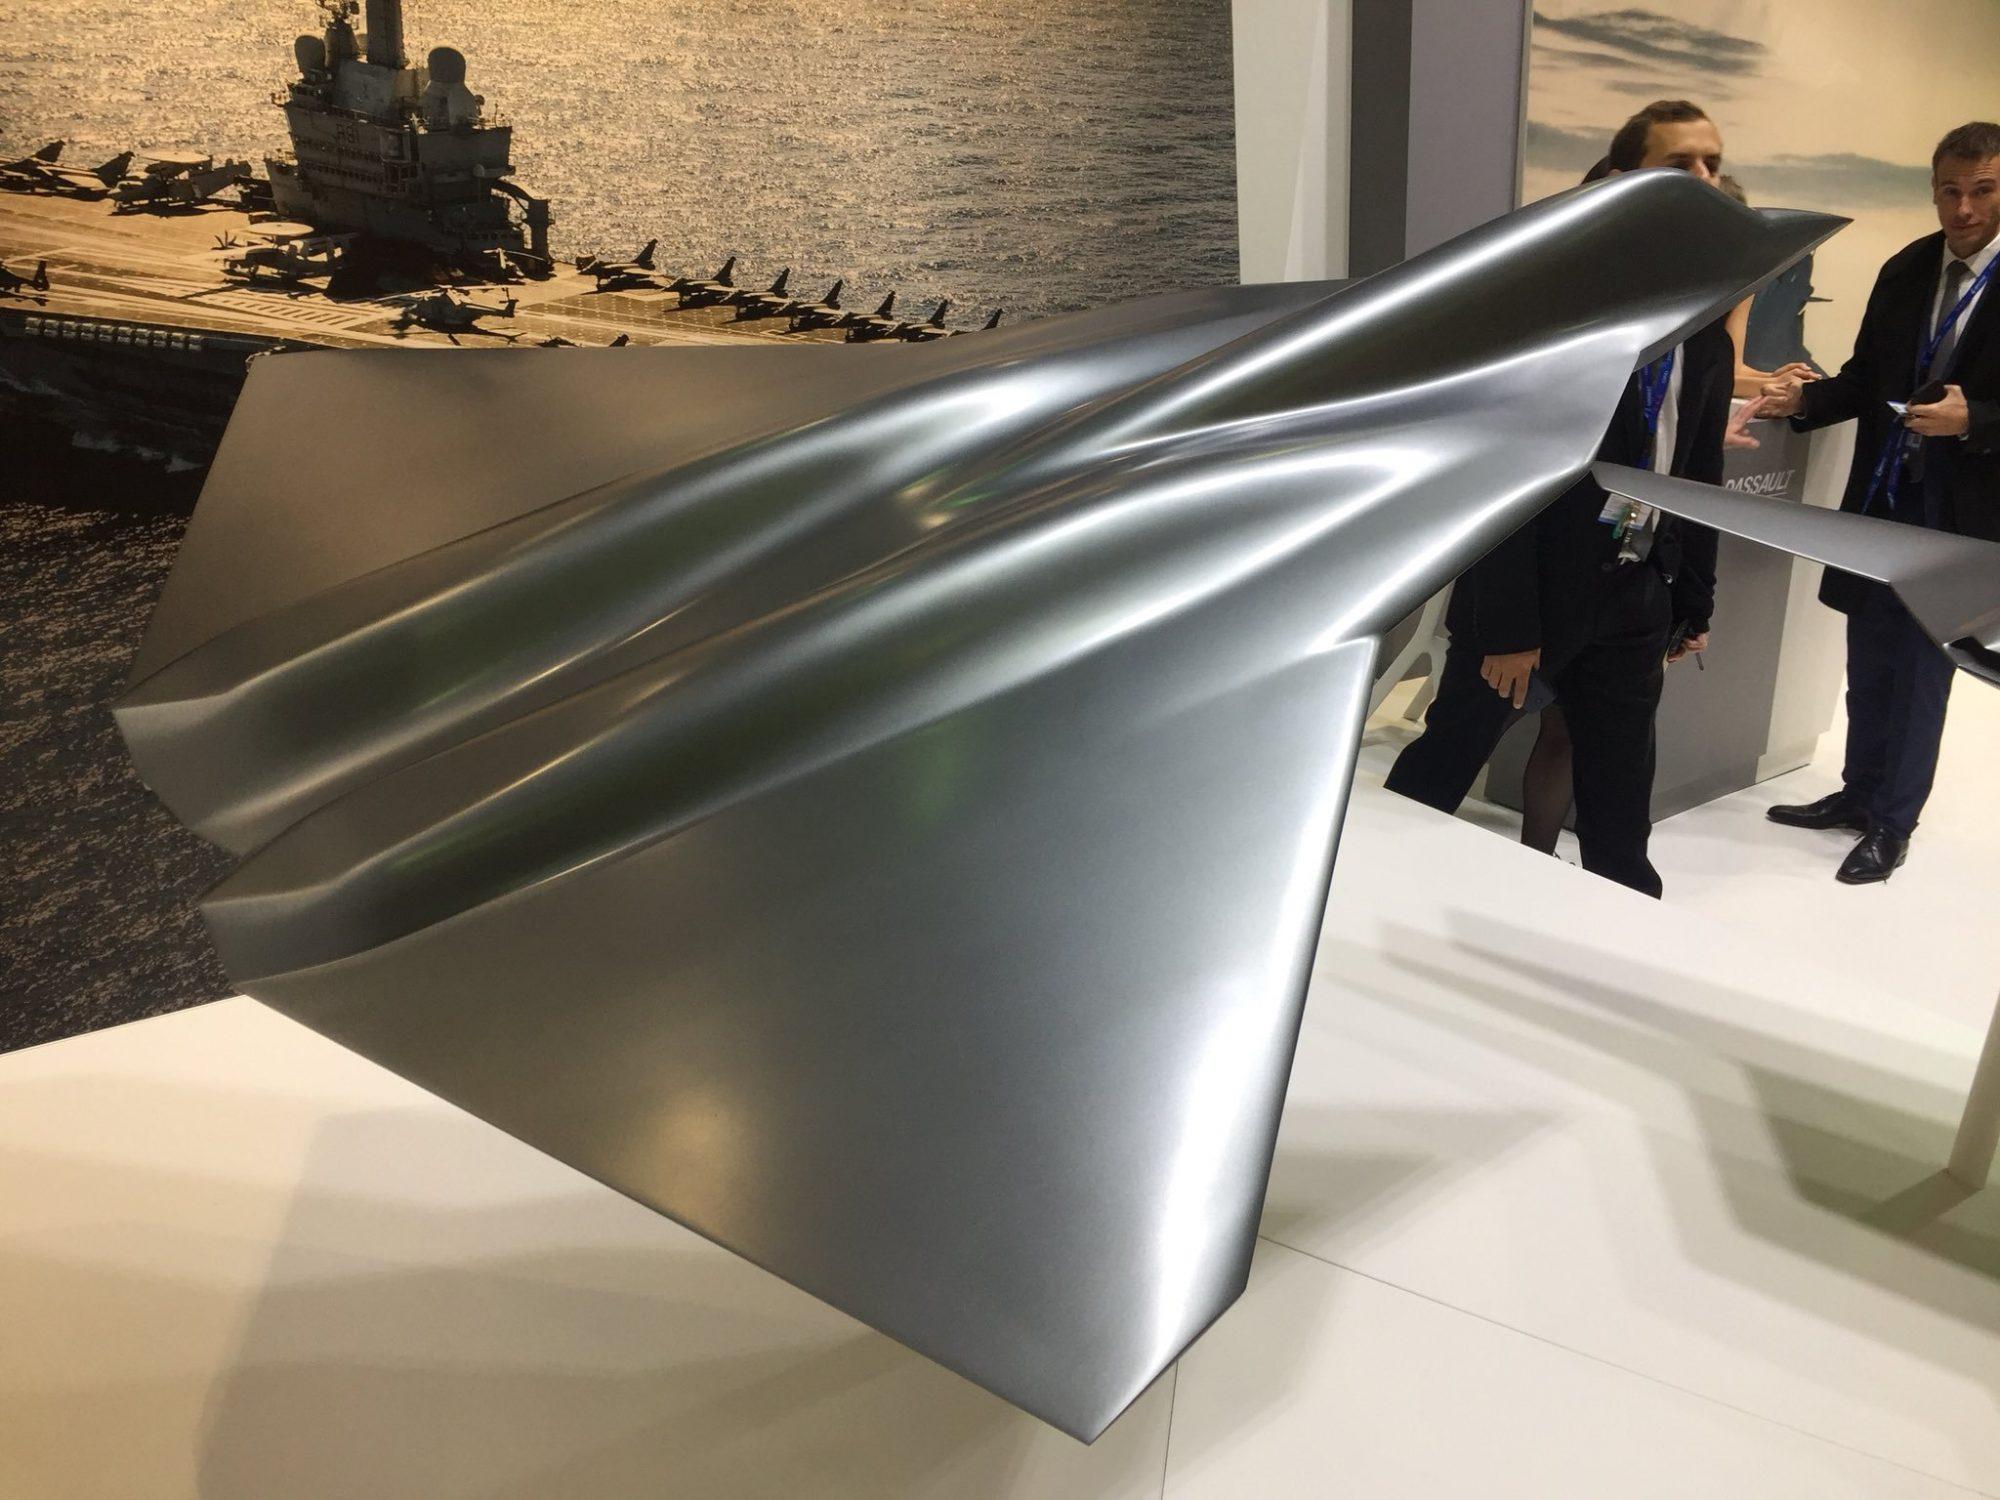 FCAS proposto pela Dassault